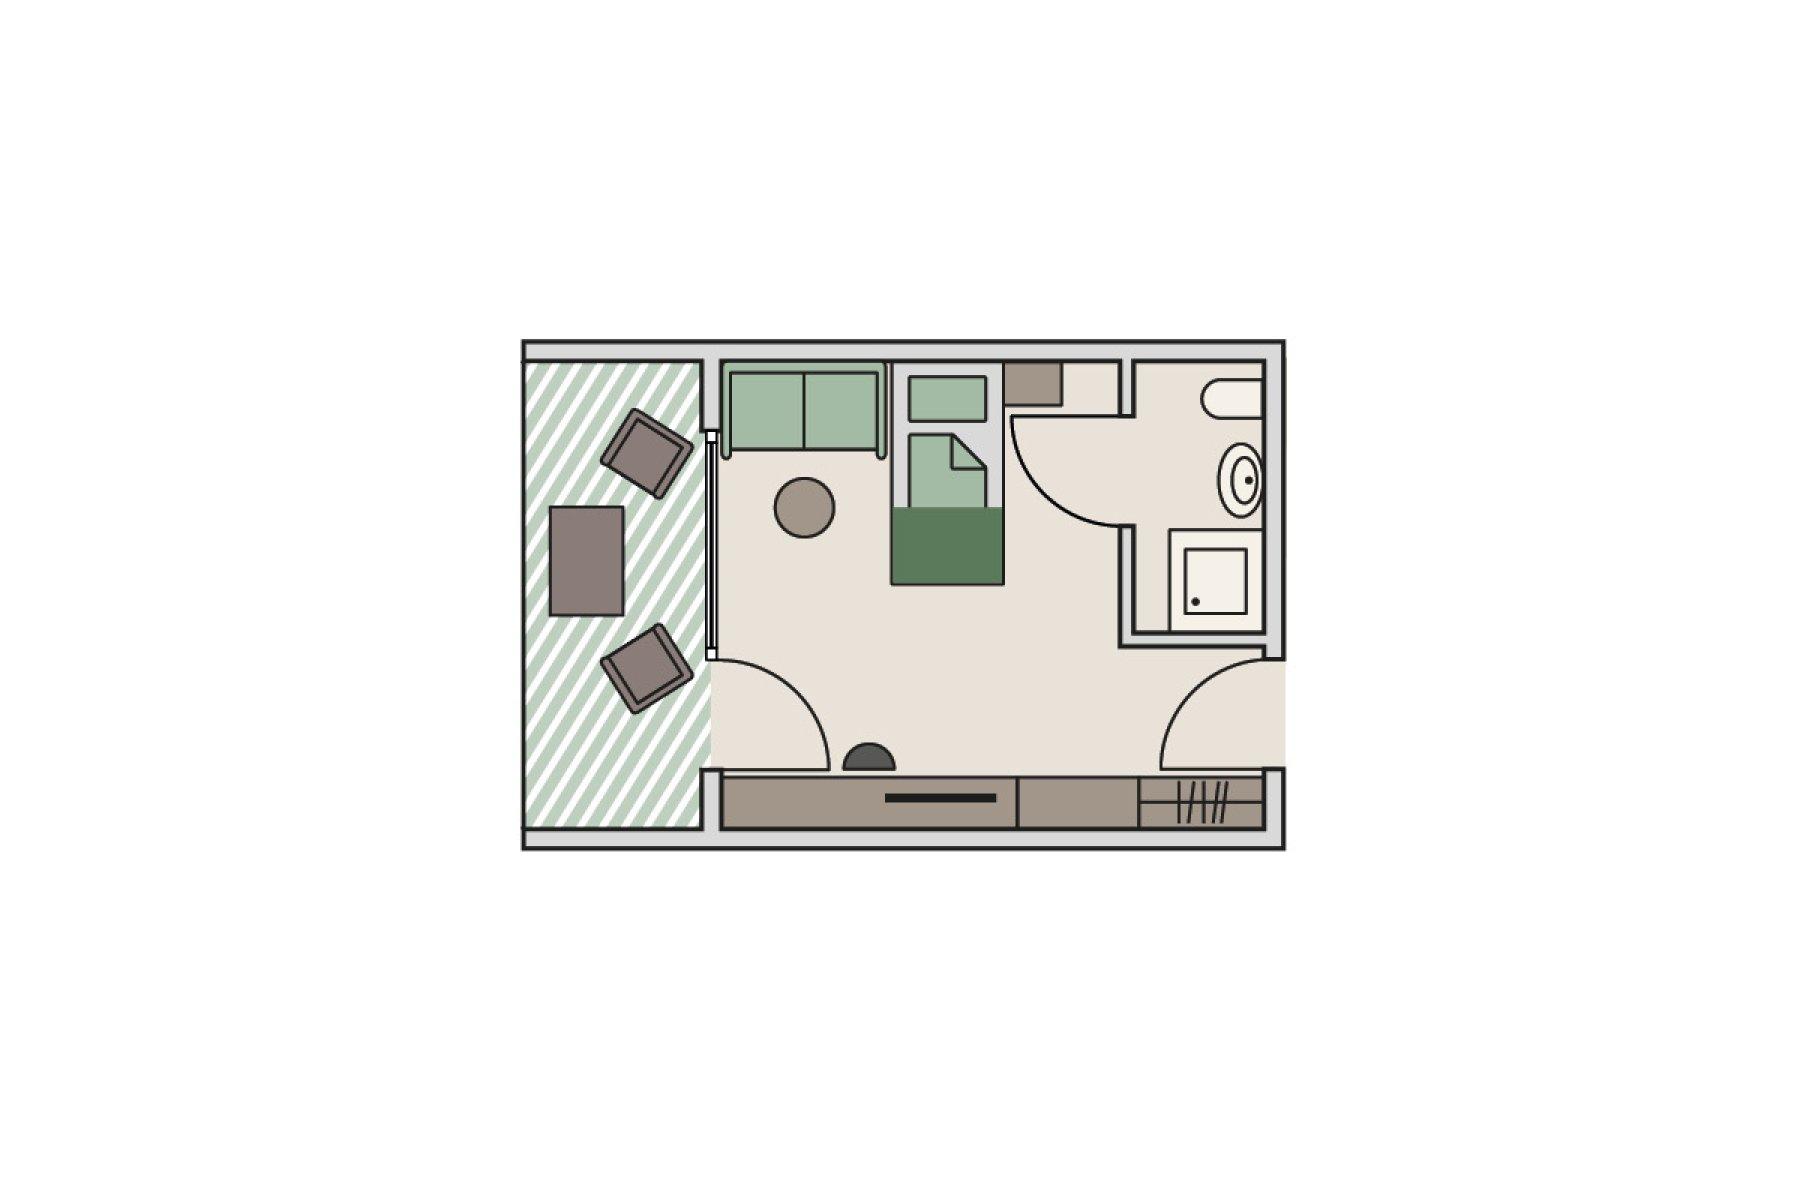 Zimmergrundriss Landhaus - Einzelzimmer